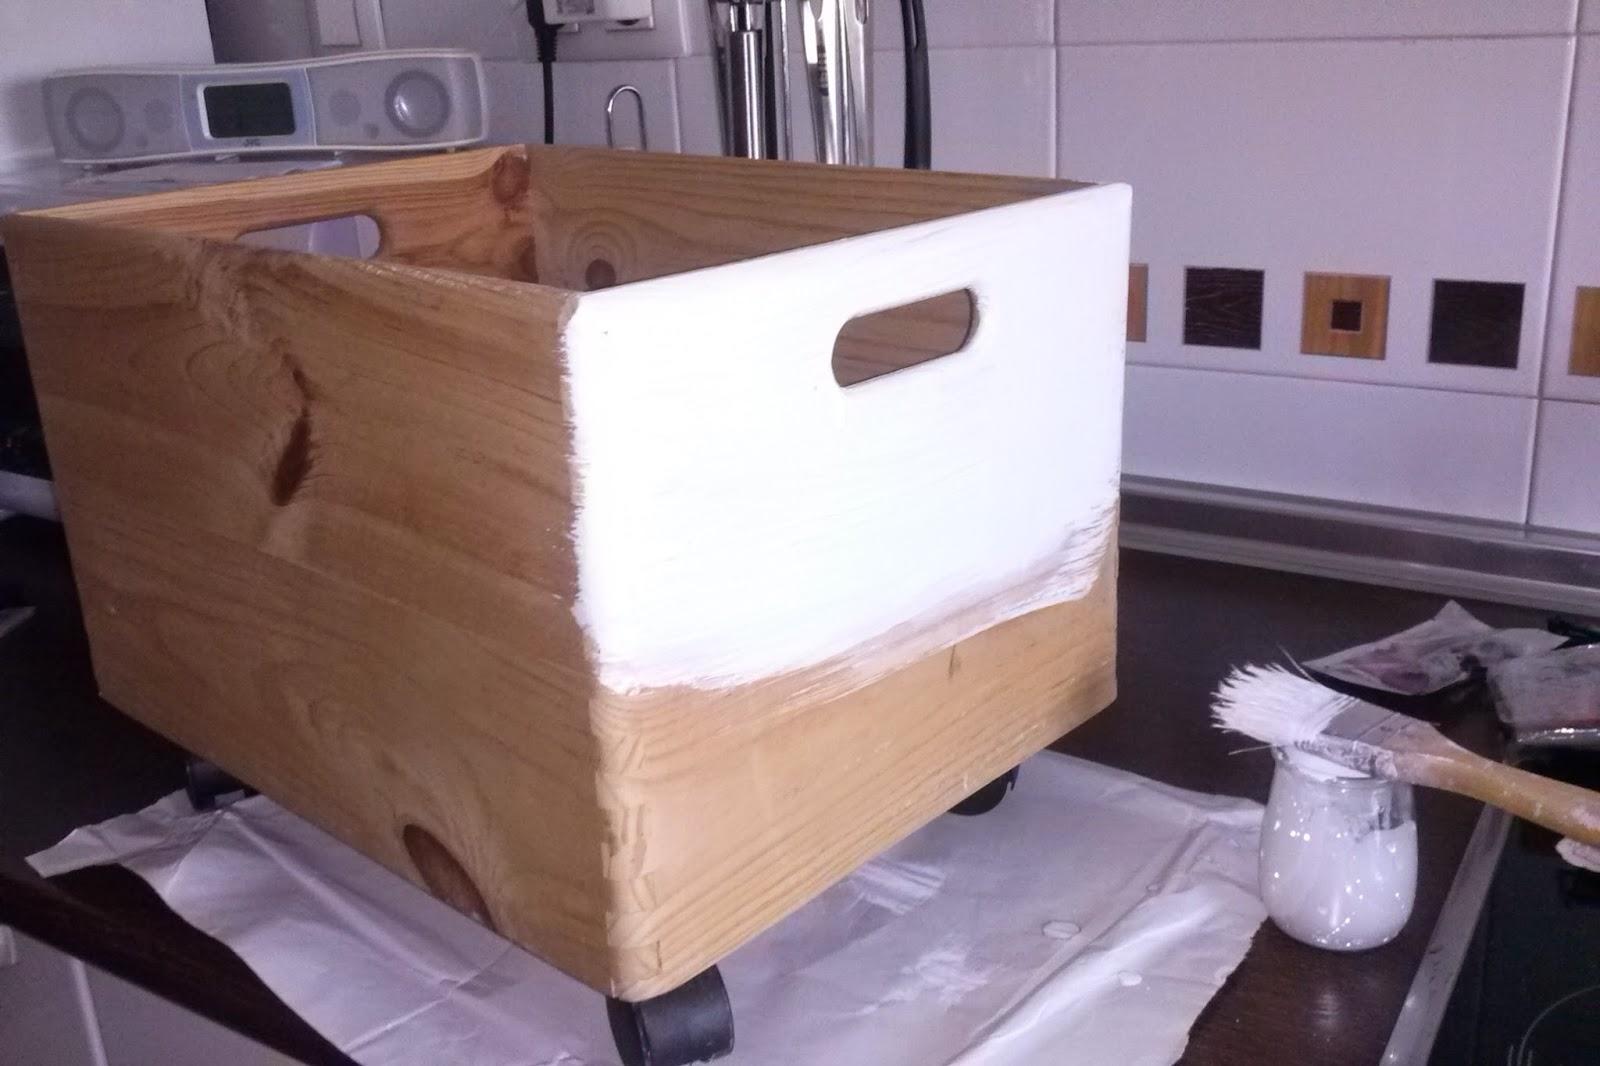 Mueble de madera decorado con decoupagge kosicas de fieltro - Decoupage con servilletas en muebles ...